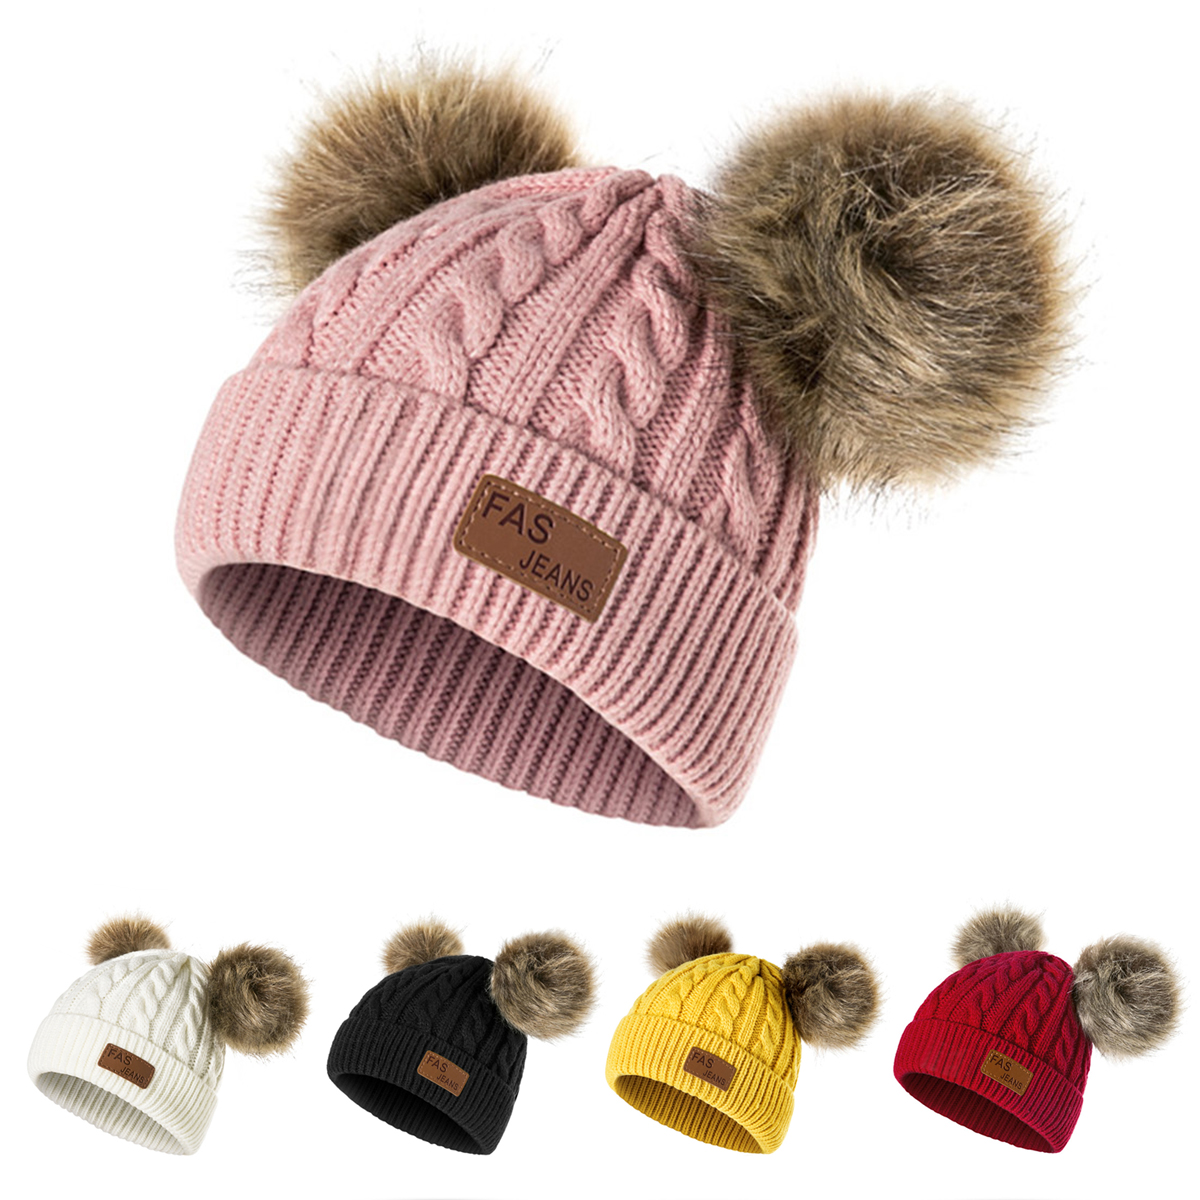 Z-YY Trajectory PI Unisex Winter Knitting Woolen Hat Warm Cap